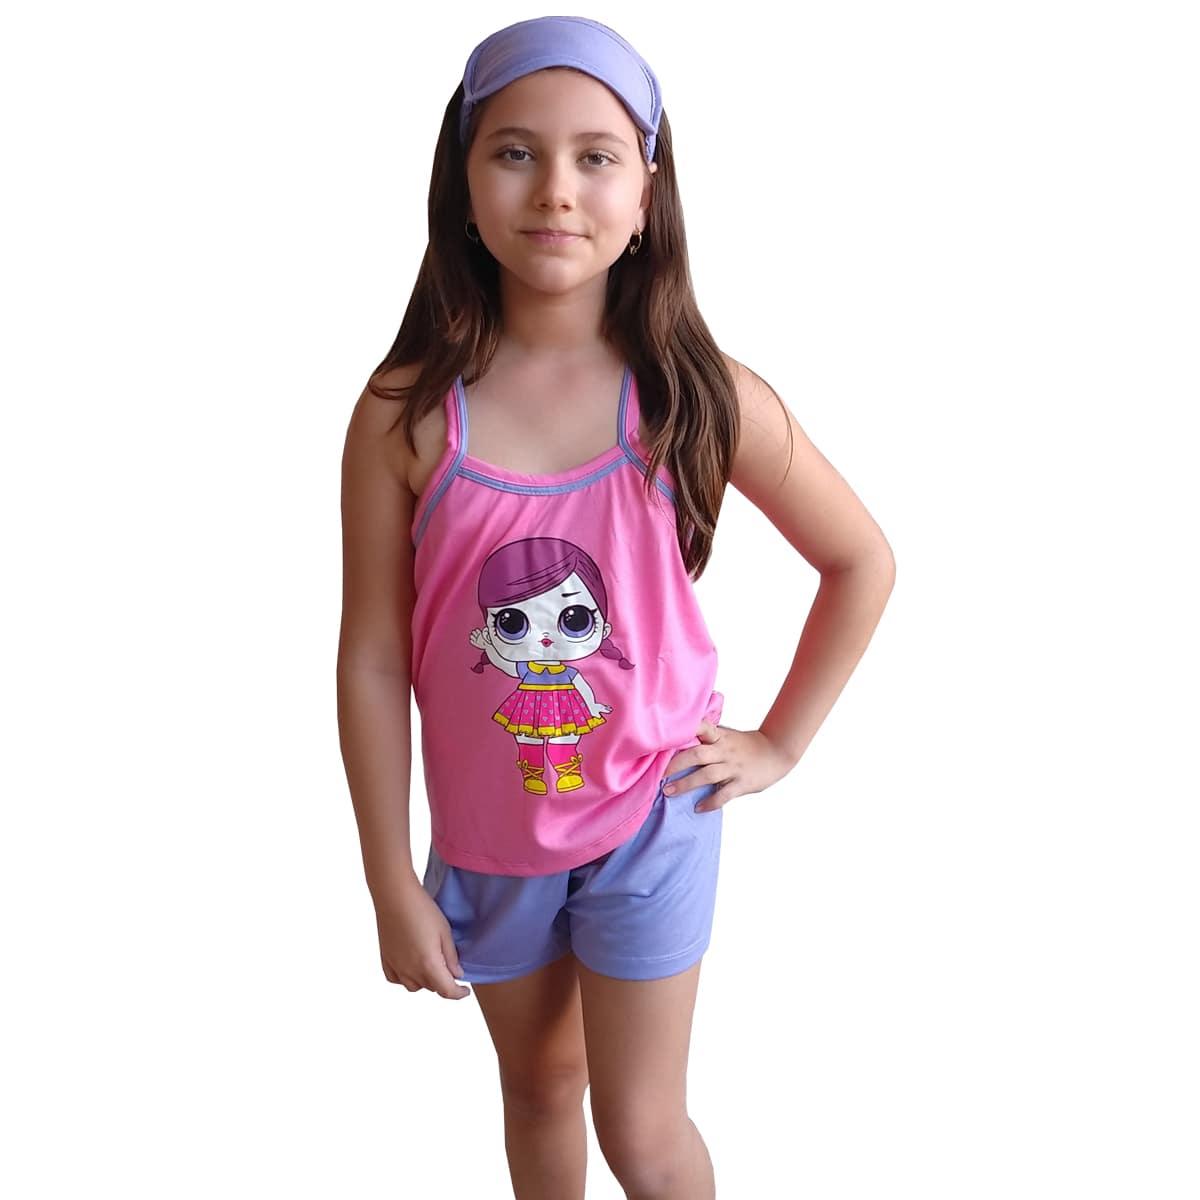 Baby Doll Short Doll Alça Infantil Menina LOL Surprise Com Tapa Olho 331